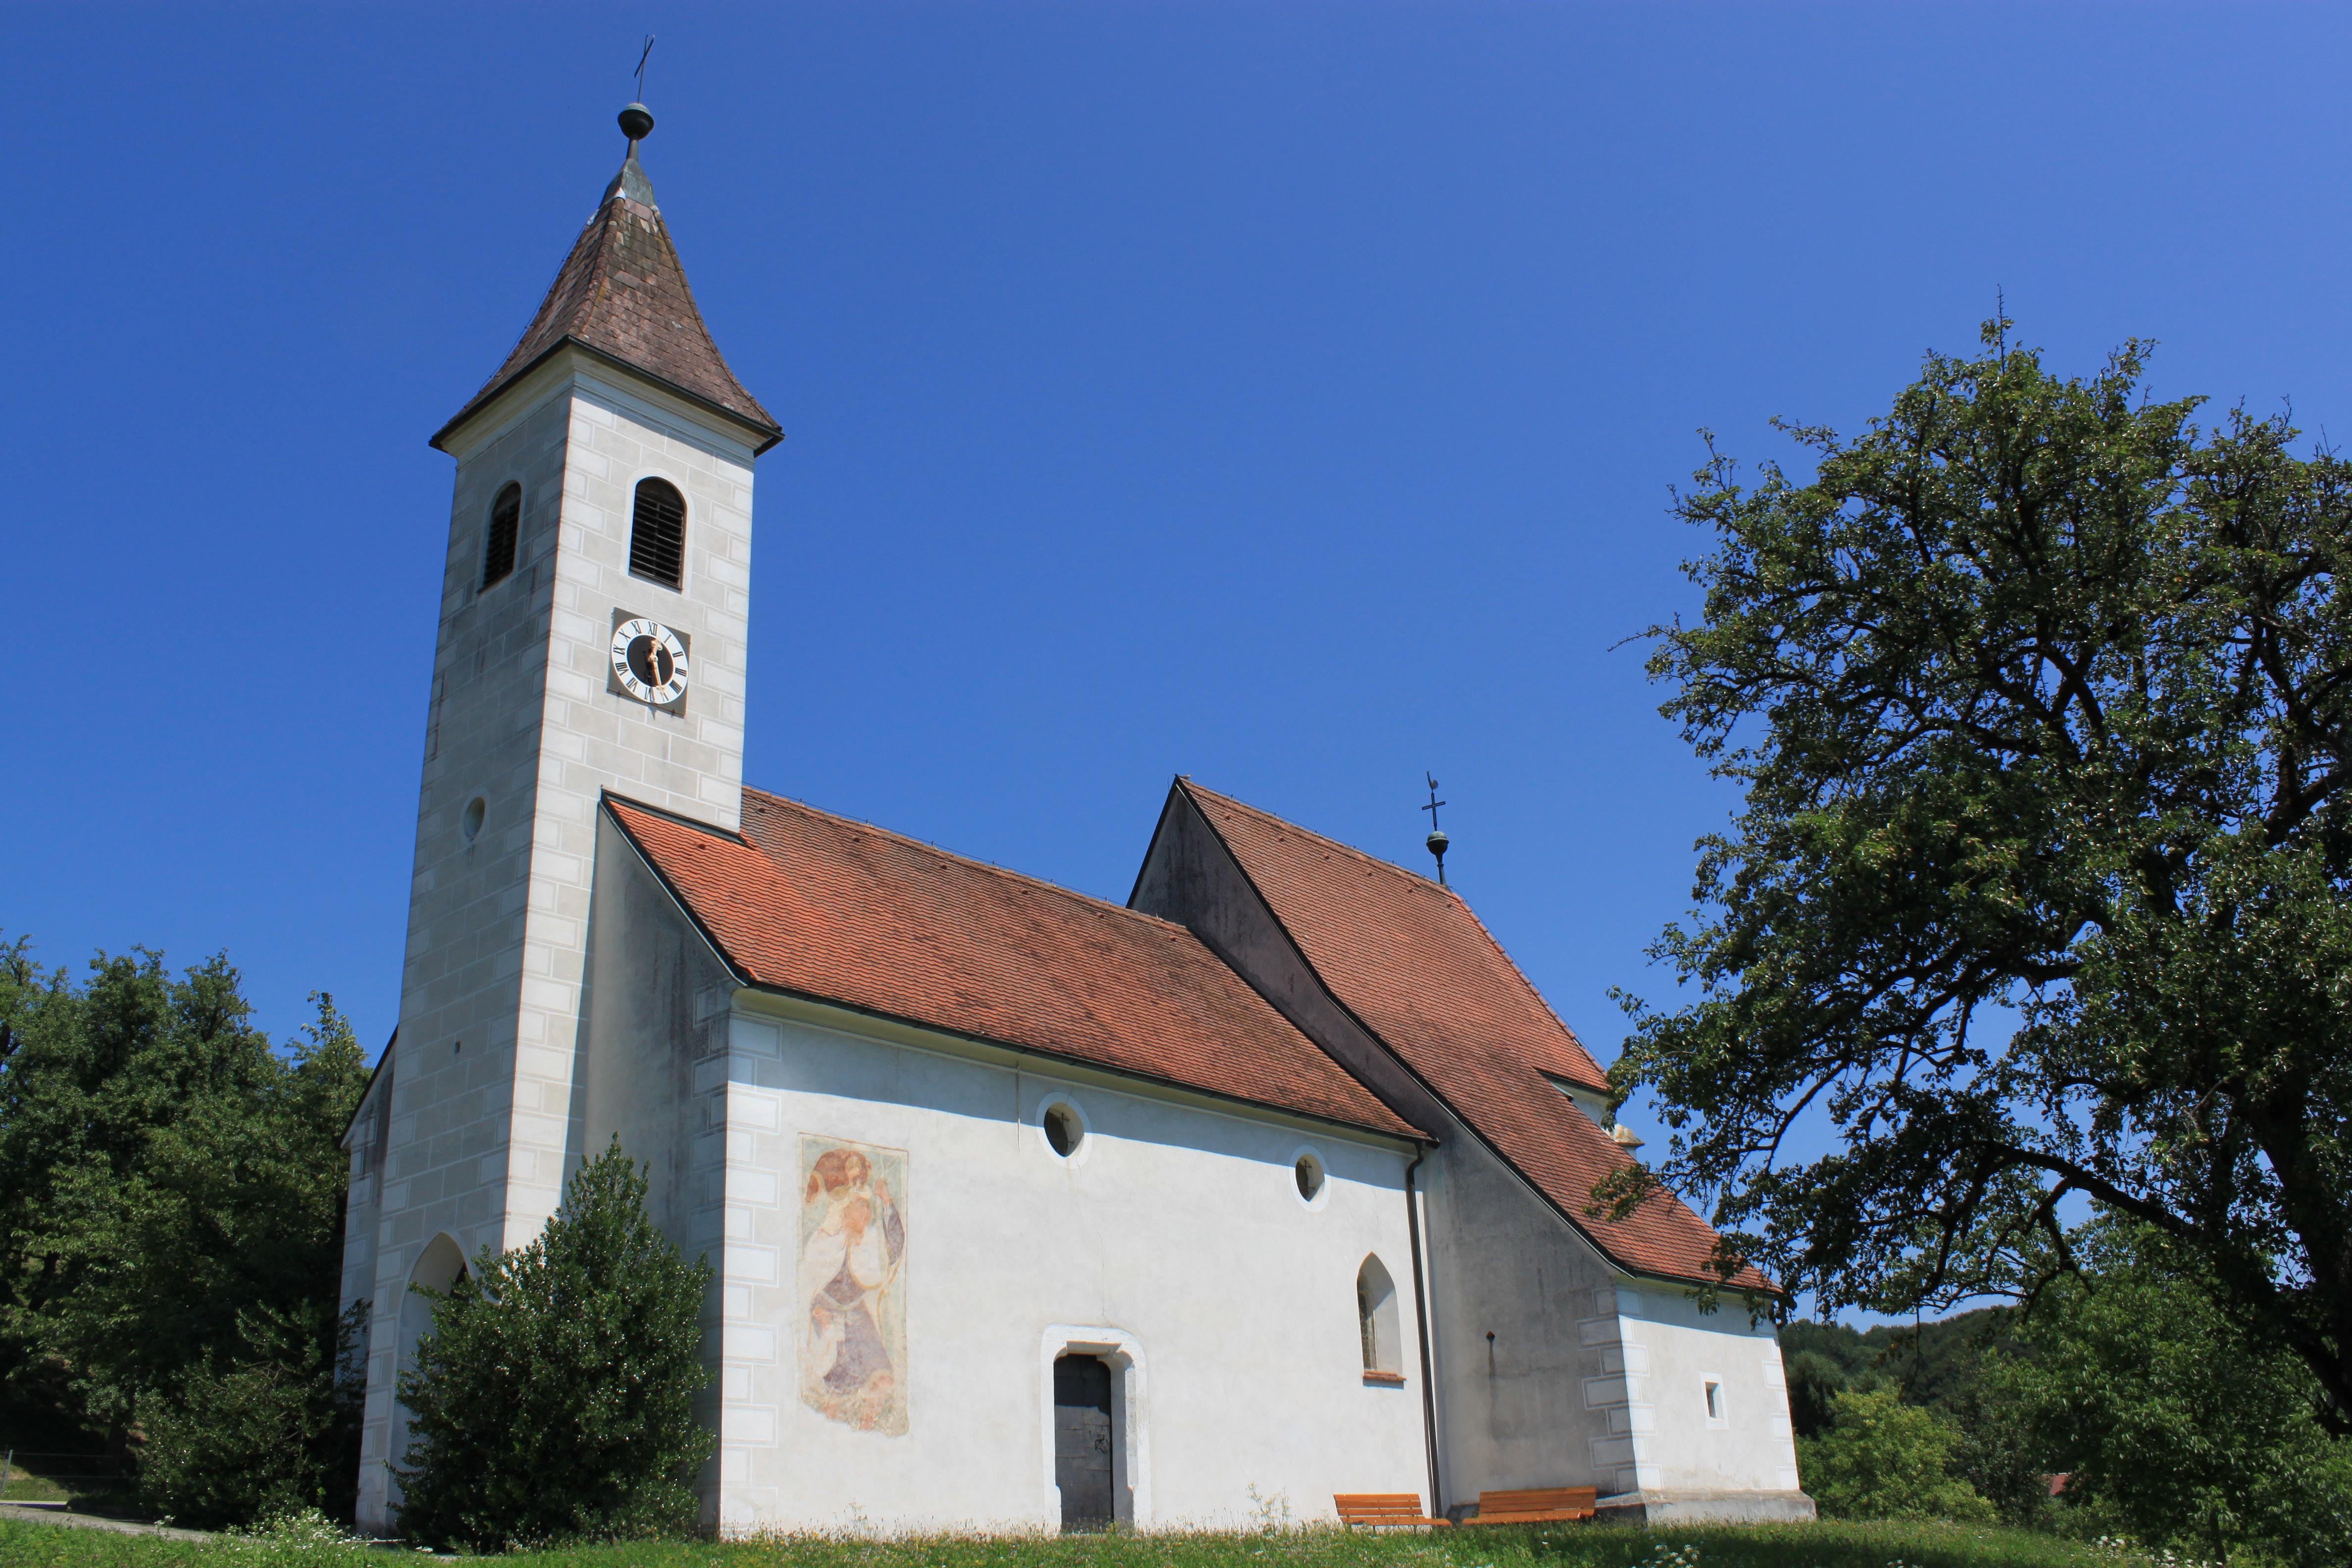 Kontaktanzeigen Sankt Agatha | Locanto Dating Sankt Agatha